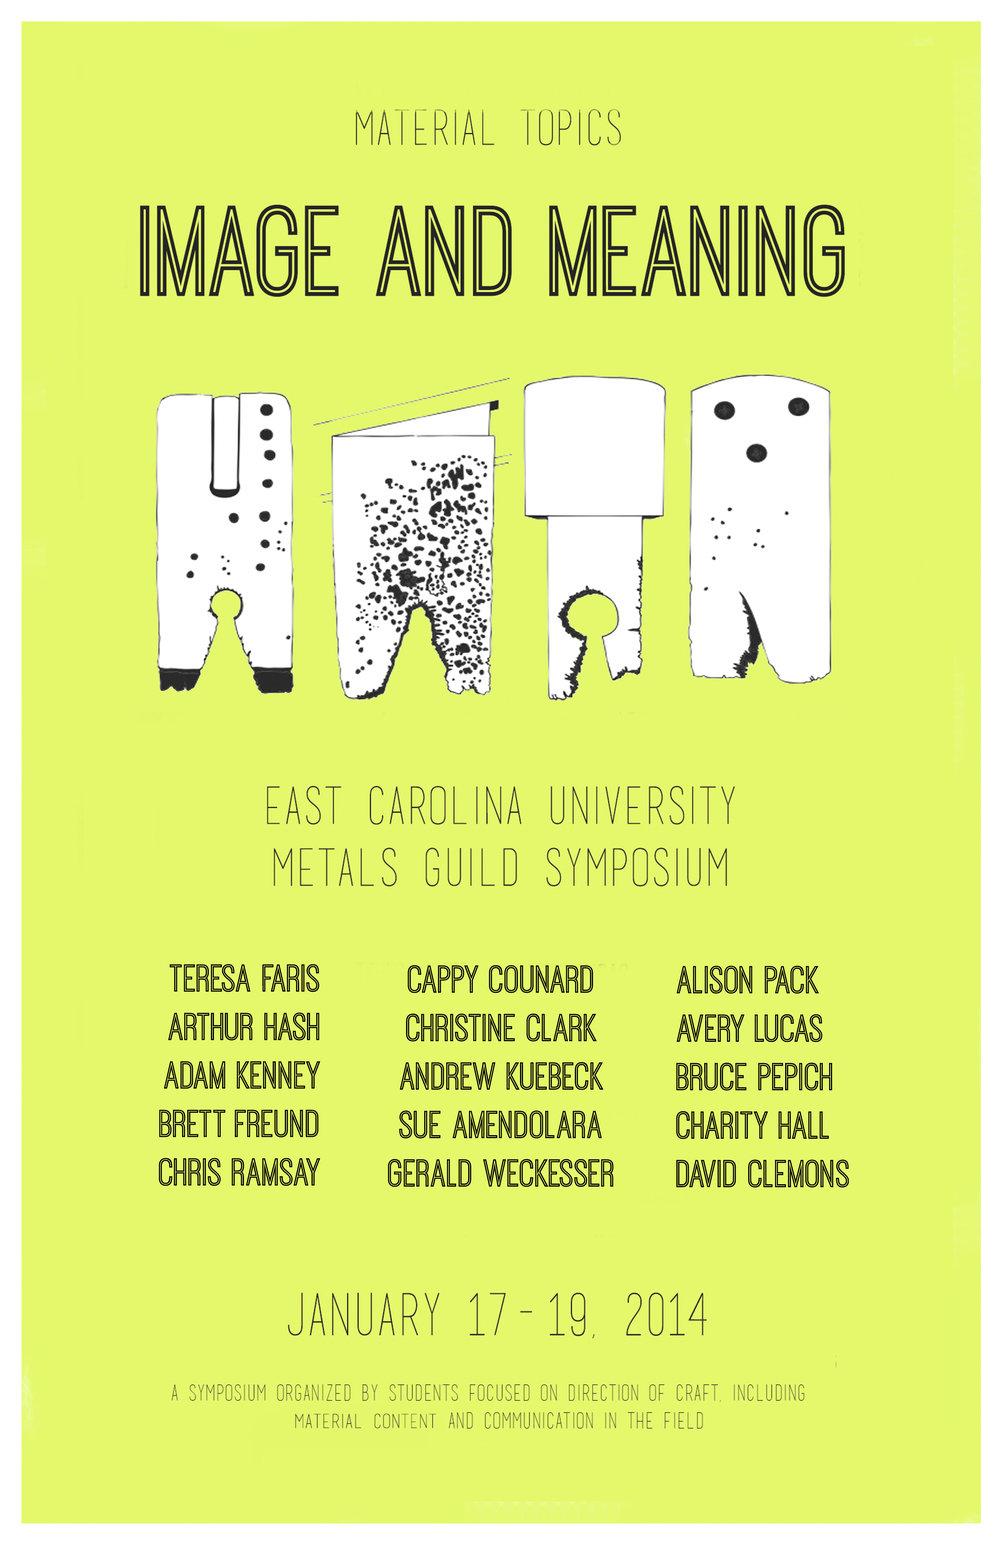 symposium-poster-1